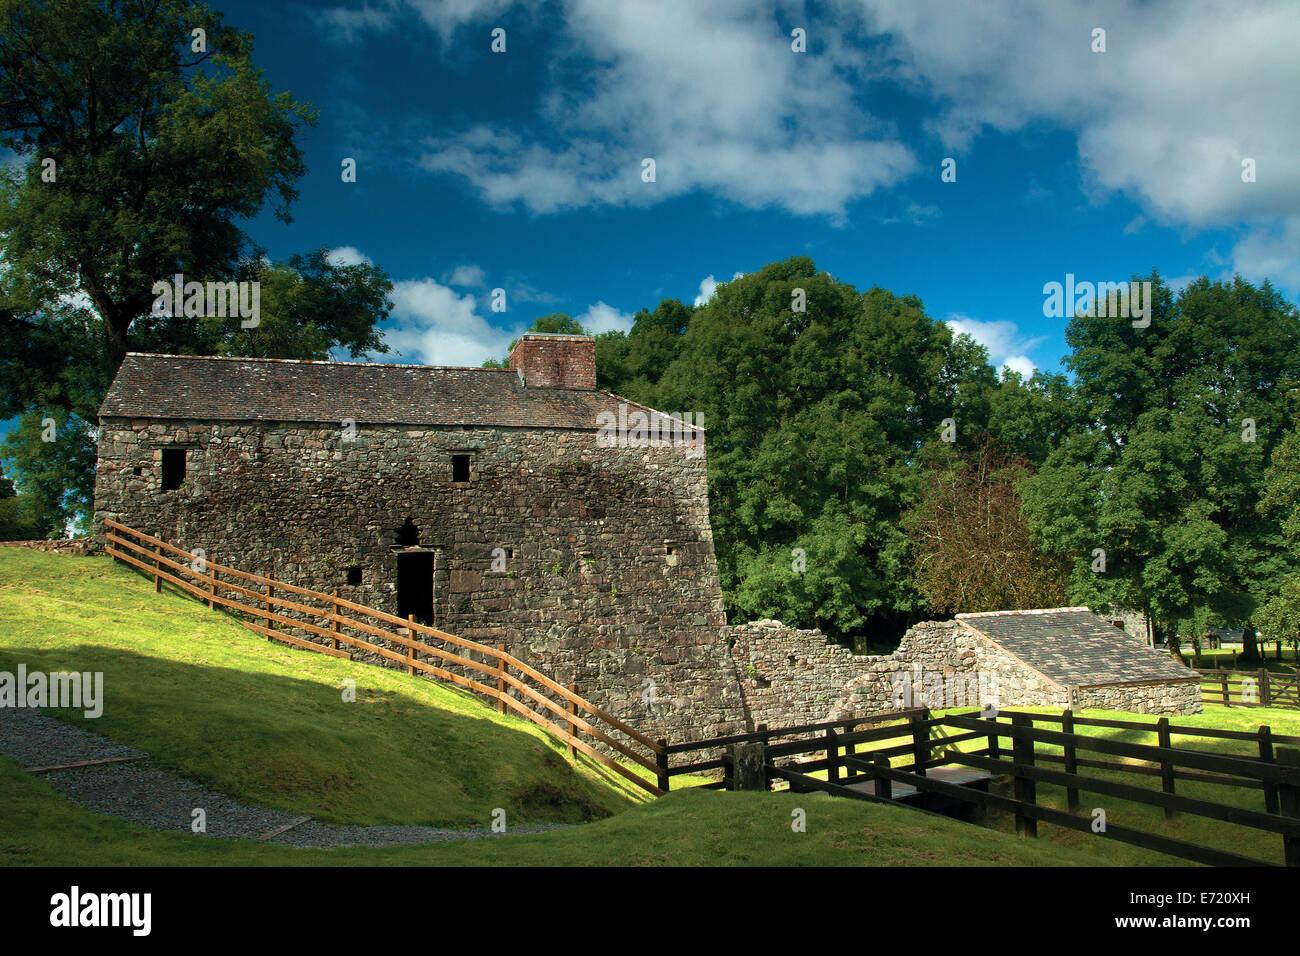 The Bonawe Iron Furnace Wheel Pit, Argyll & Bute - Stock Image